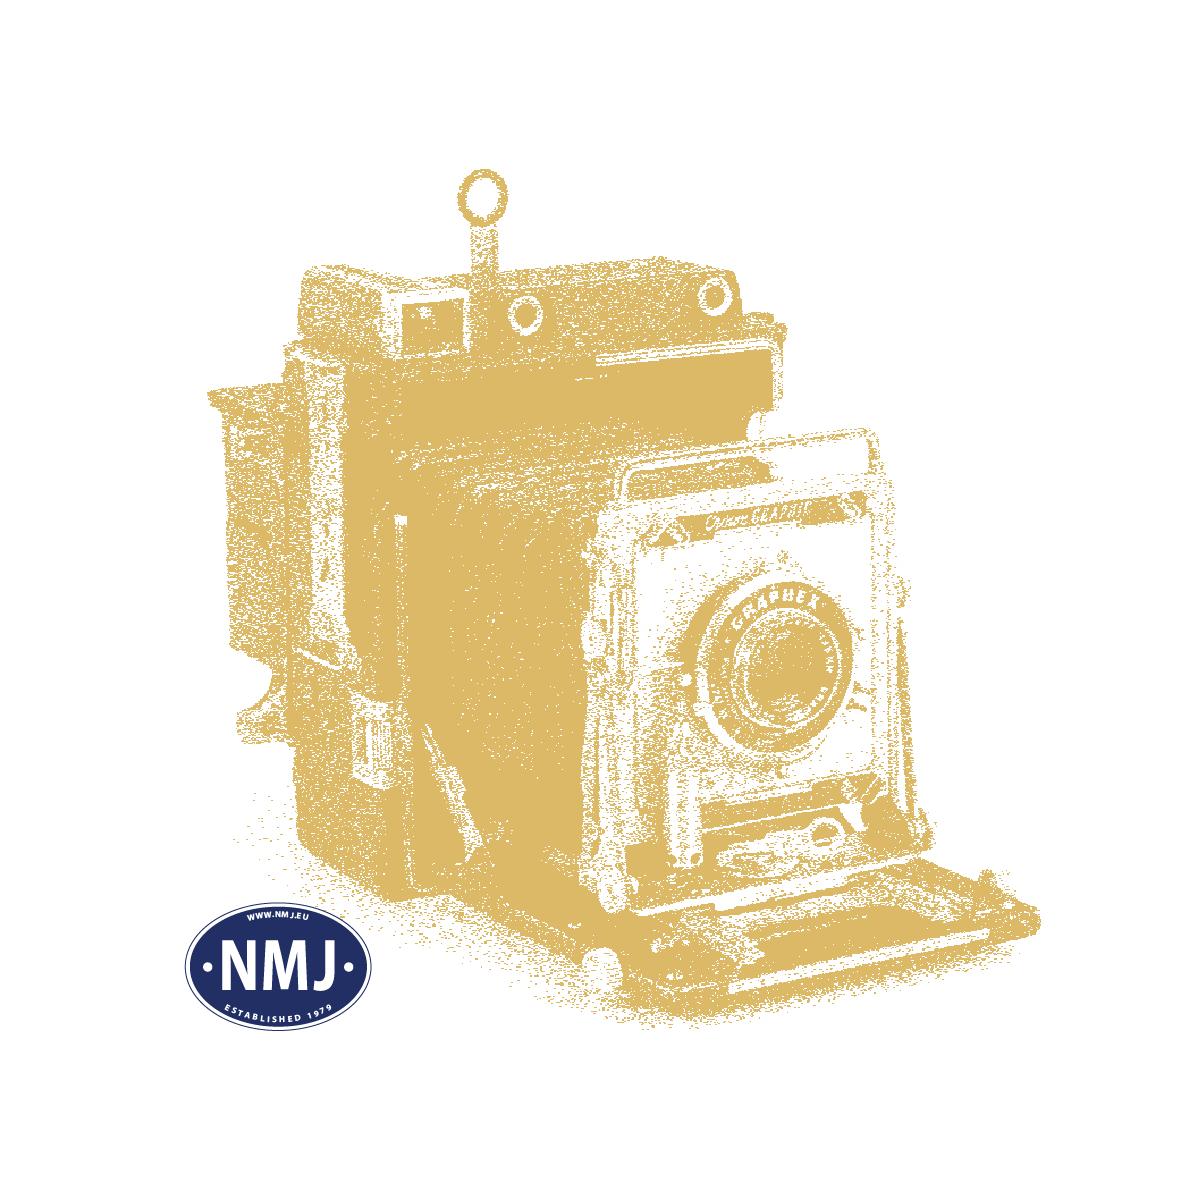 MOE0420 - Modell & Elektronikk 4/2020, Teknisk Hobbyblad